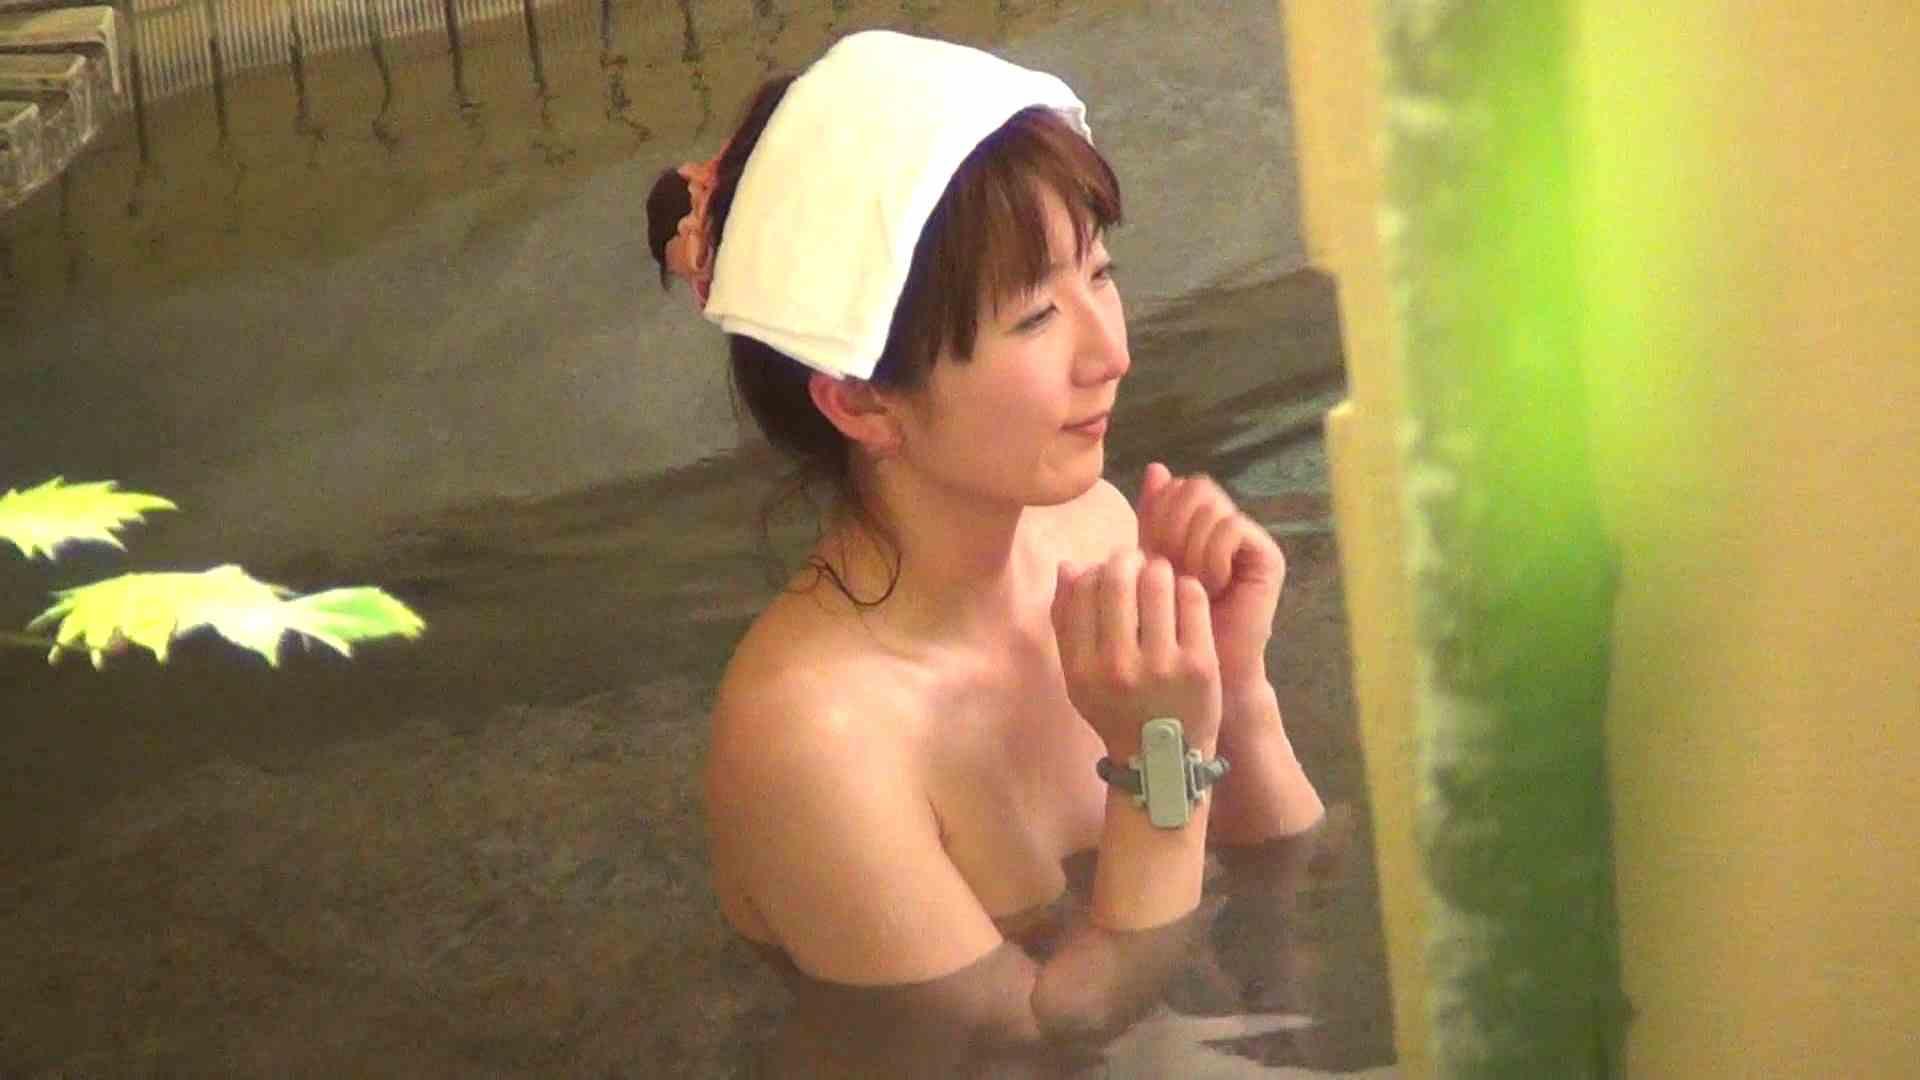 Aquaな露天風呂Vol.251 盗撮シリーズ  104PIX 70